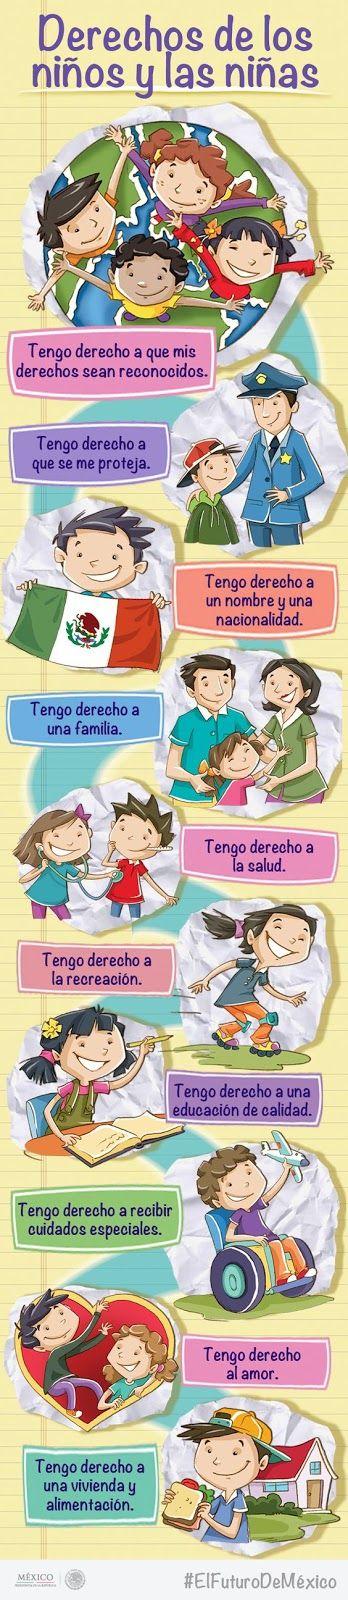 Derechos de los niños y las niñas. ~ Educación Preescolar, la revista